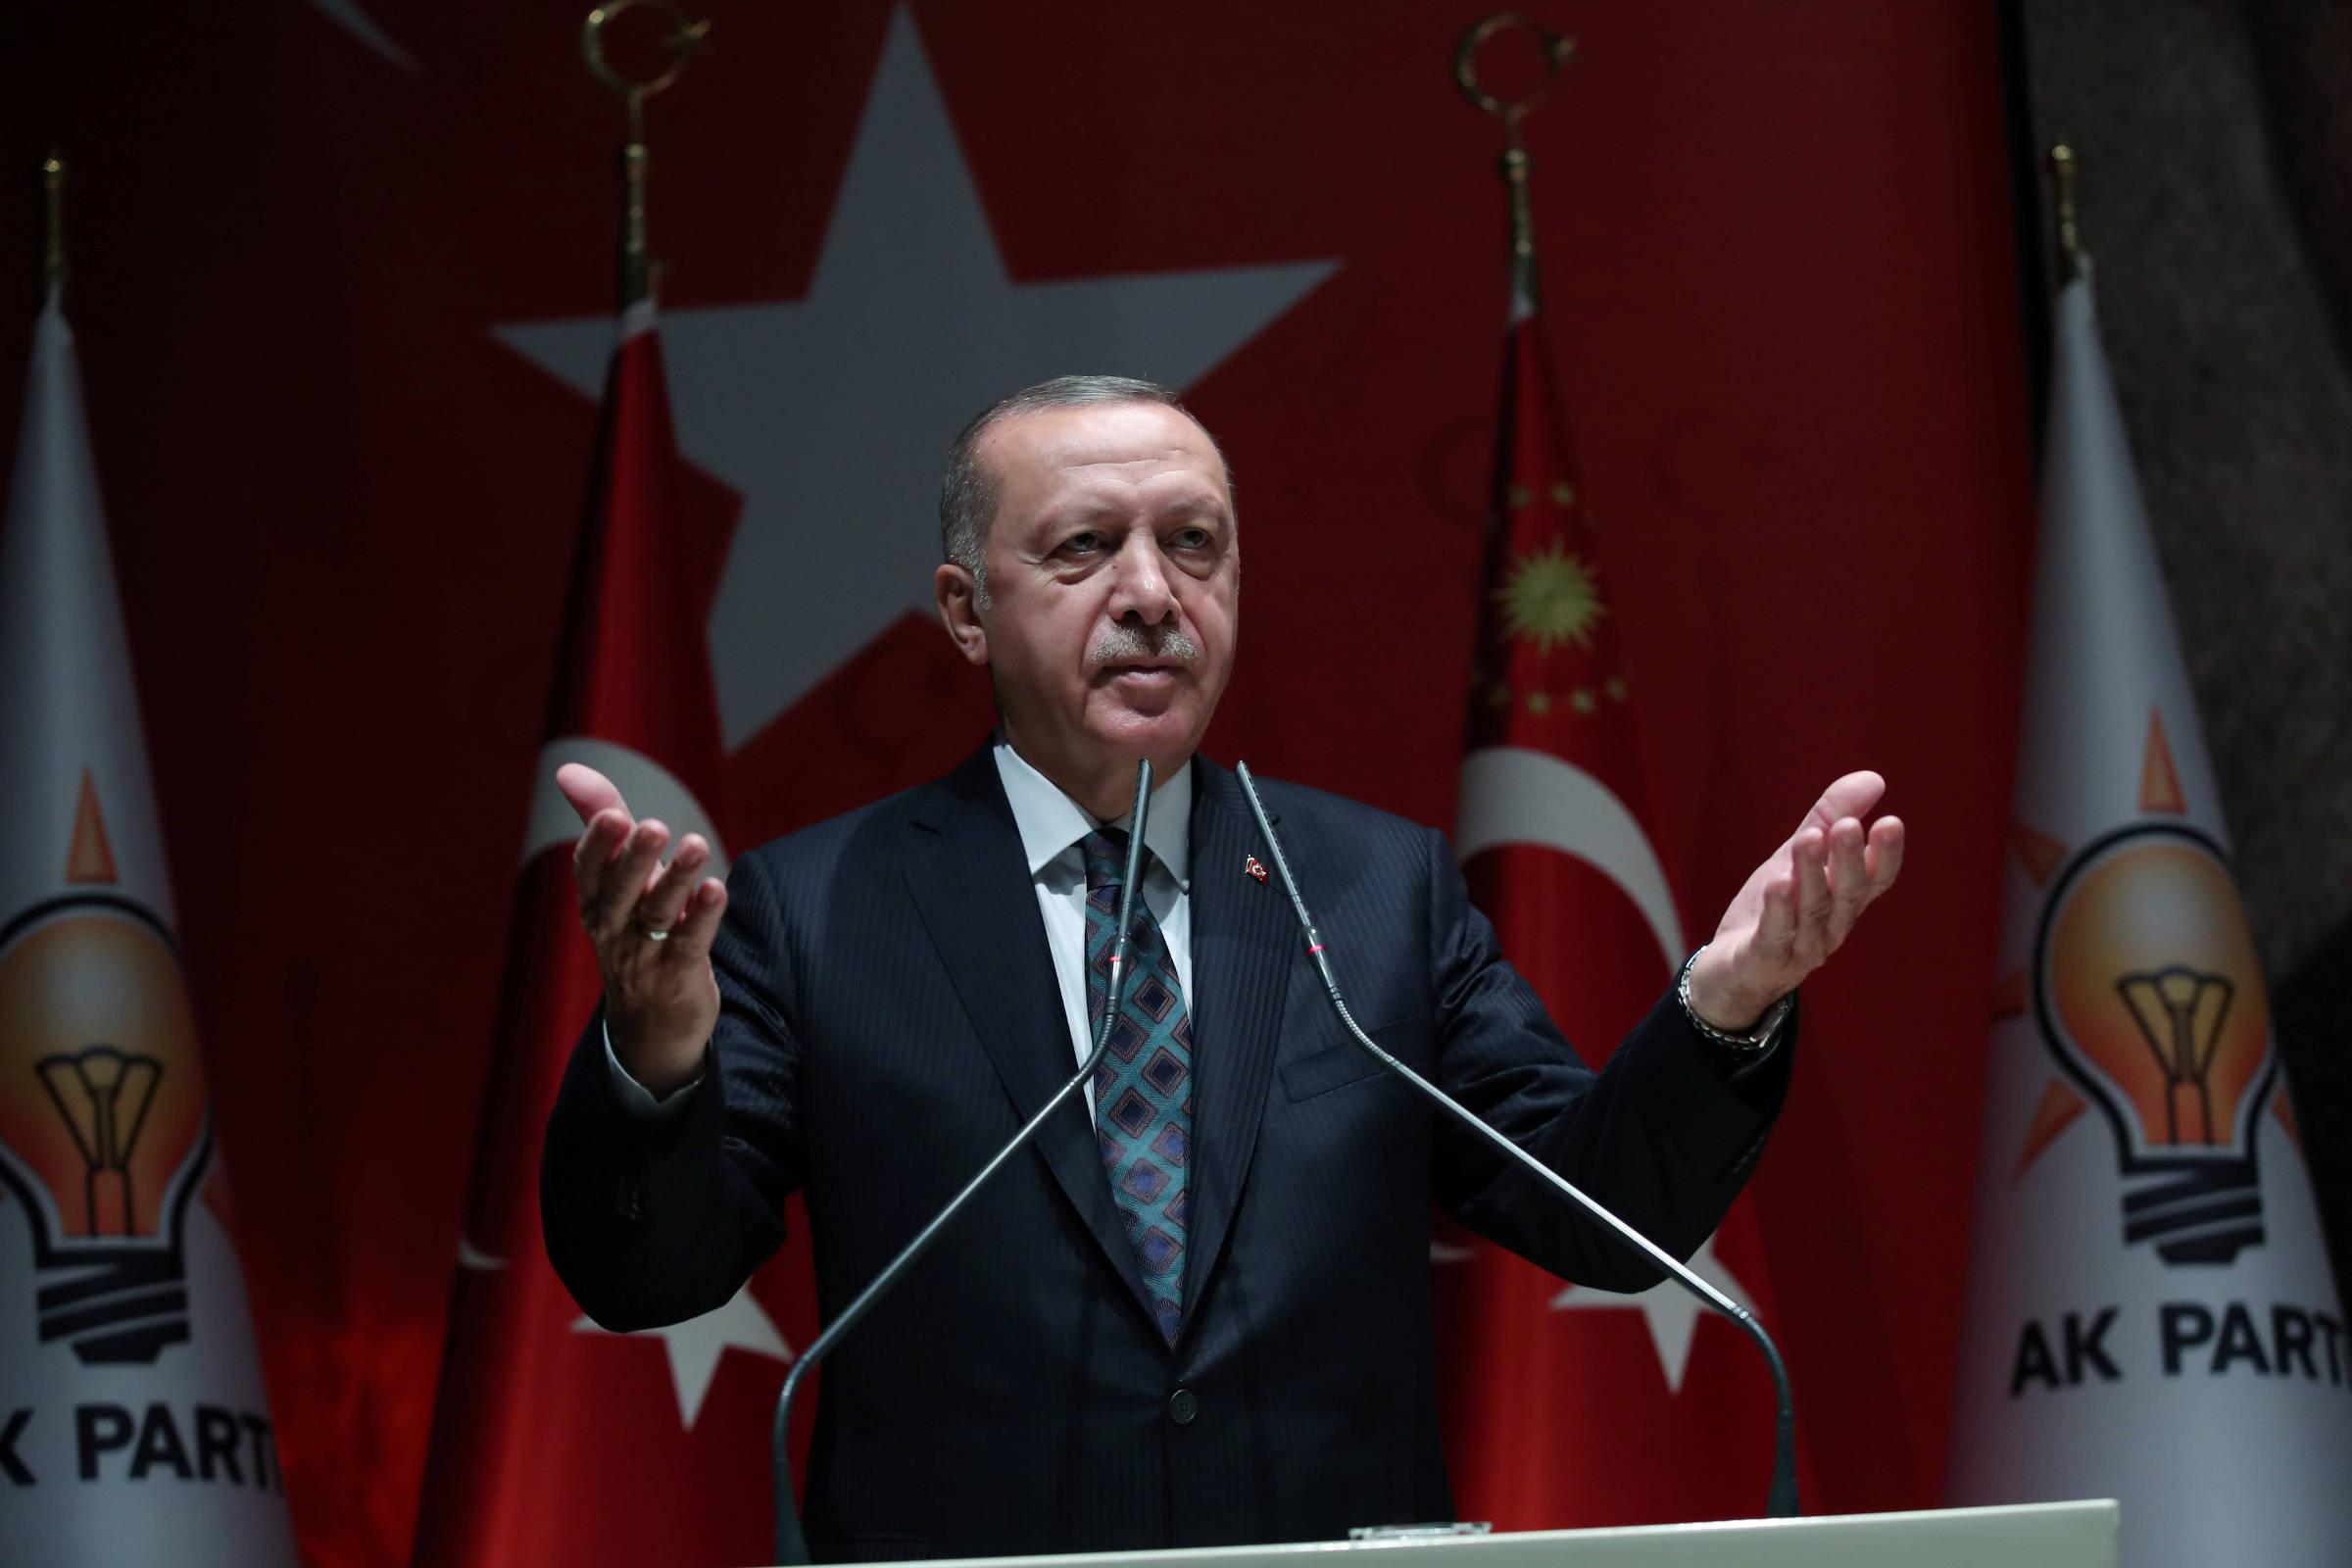 15707073345d9f17861a75d 1570707334 3x2 rt   urandir   MUNDO   Erdogan diz que 109 foram mortos em ação na Síria e ameaça liberar refugiados para a Europa